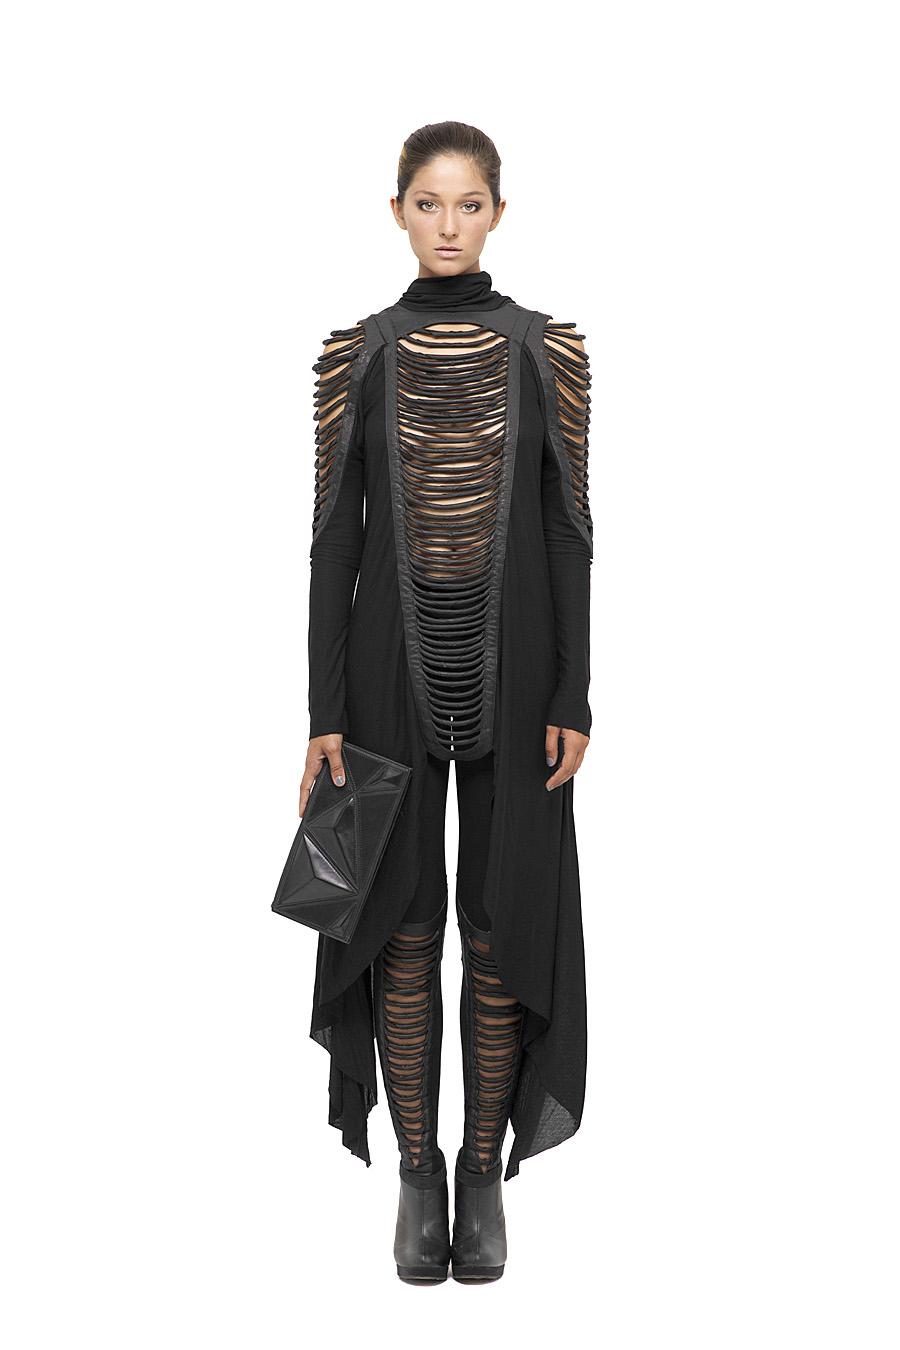 Torza Long Dress, Torza Leggings